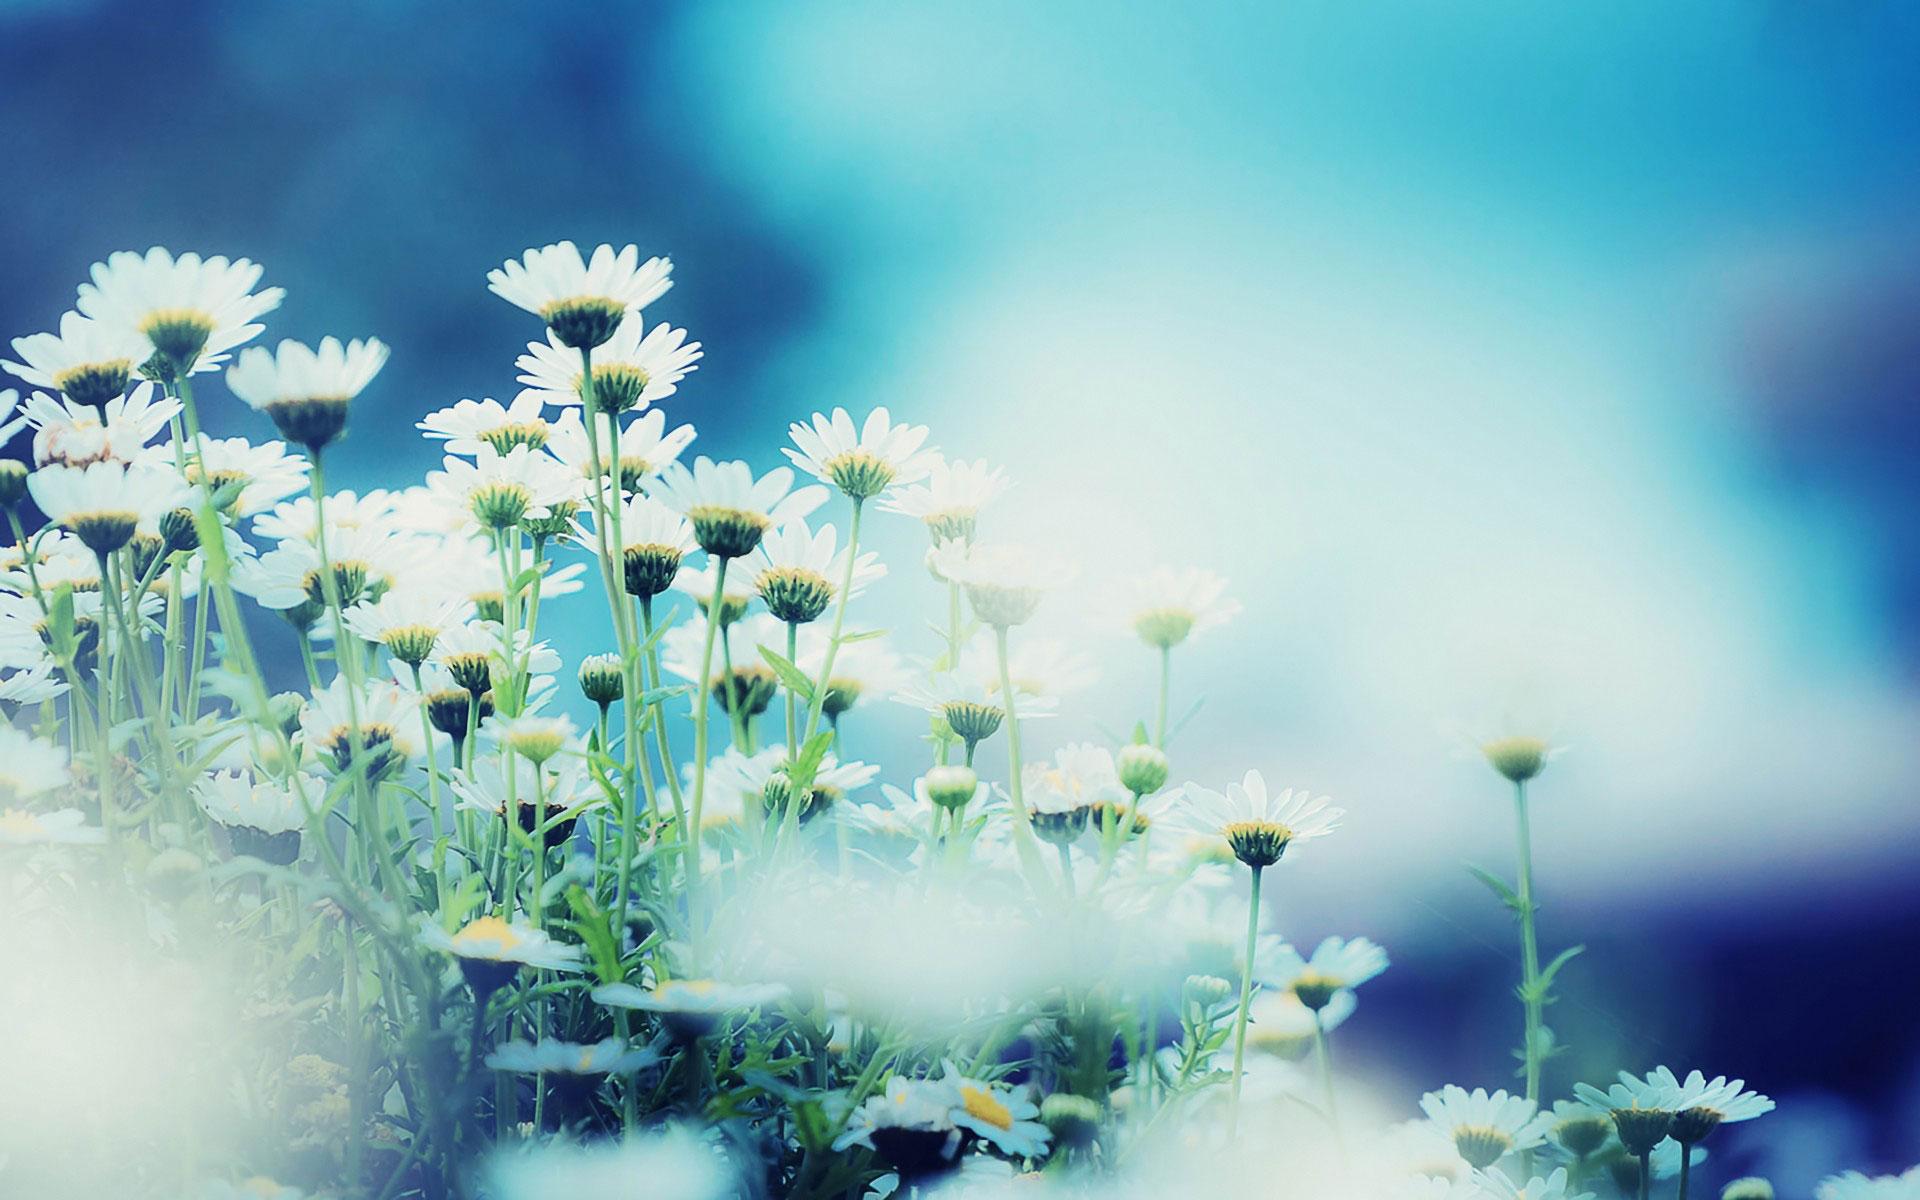 Ảnh background hd với hoa cúc đẹp